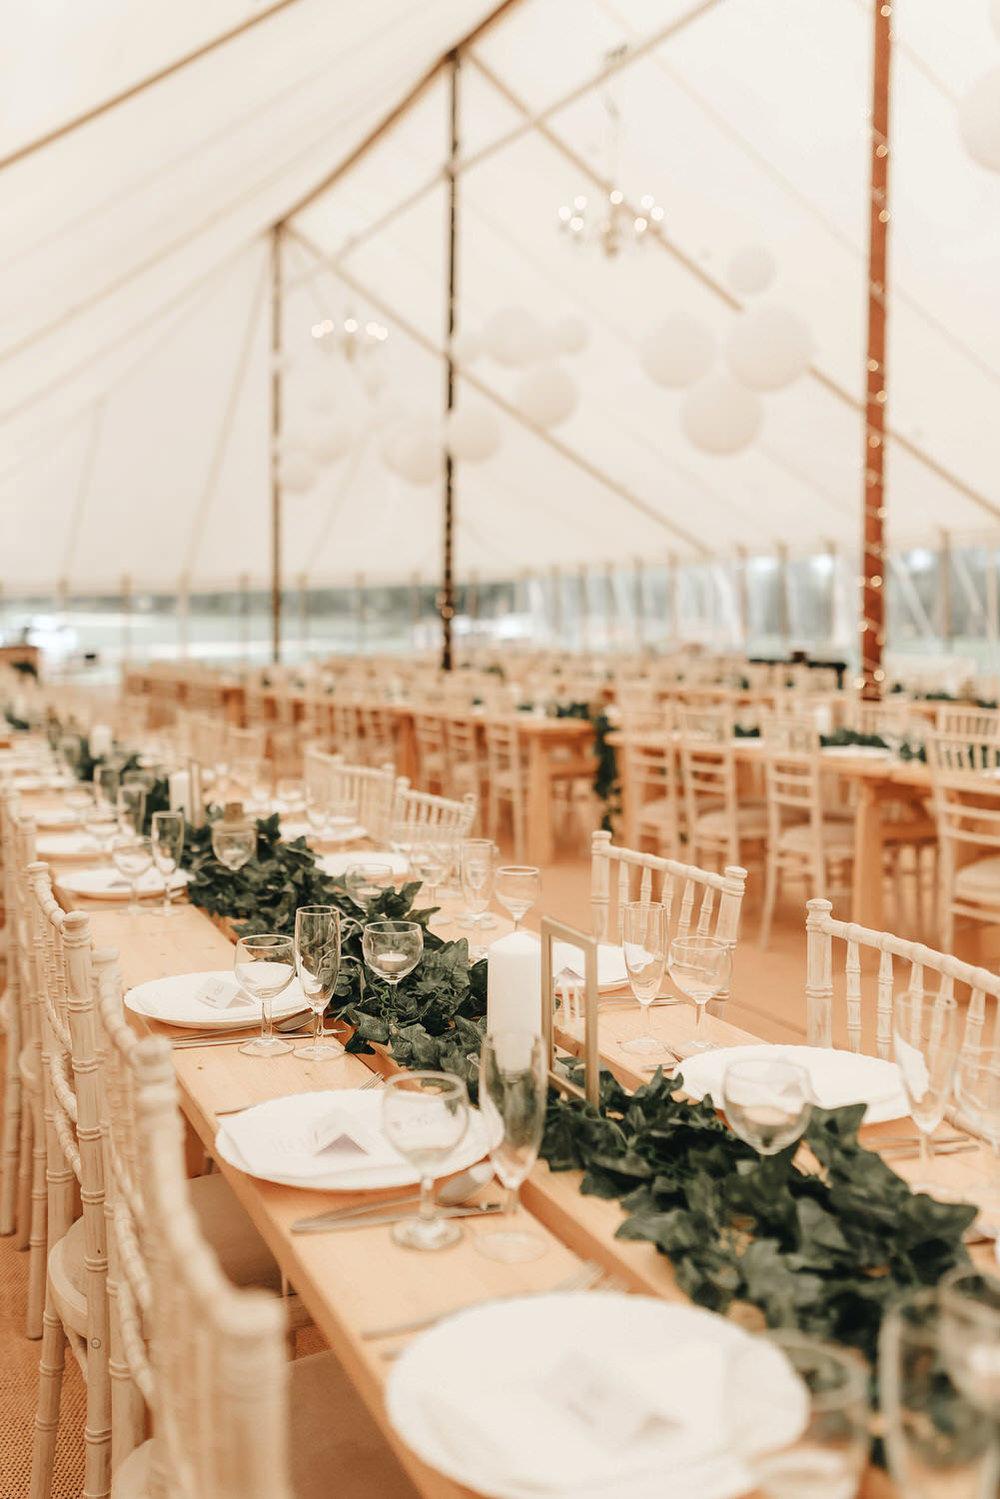 brook-farm-cuffley-outdoor-wedding-essex-24.jpg